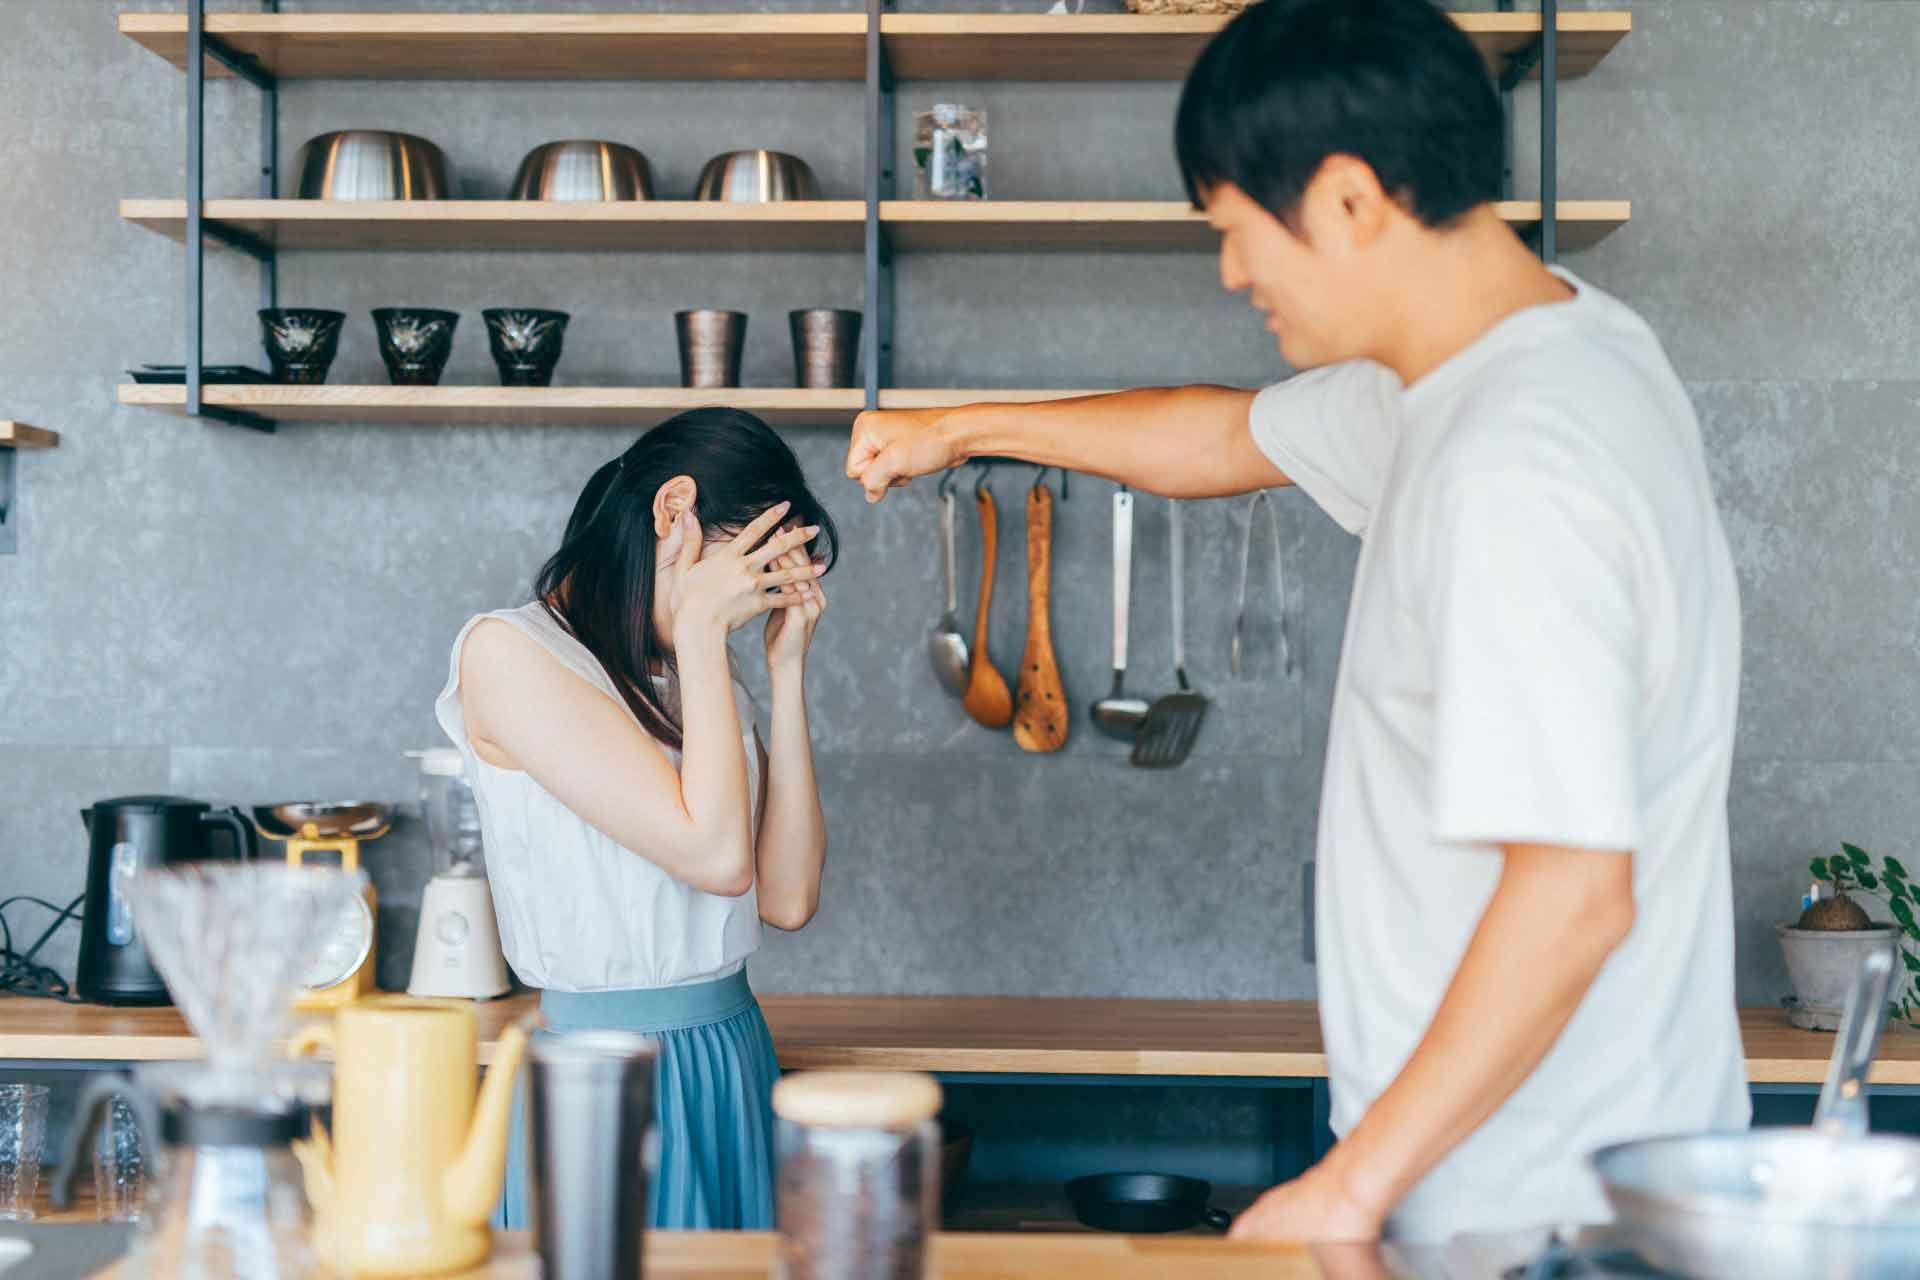 キッチンで女性に手を上げようとしている男性